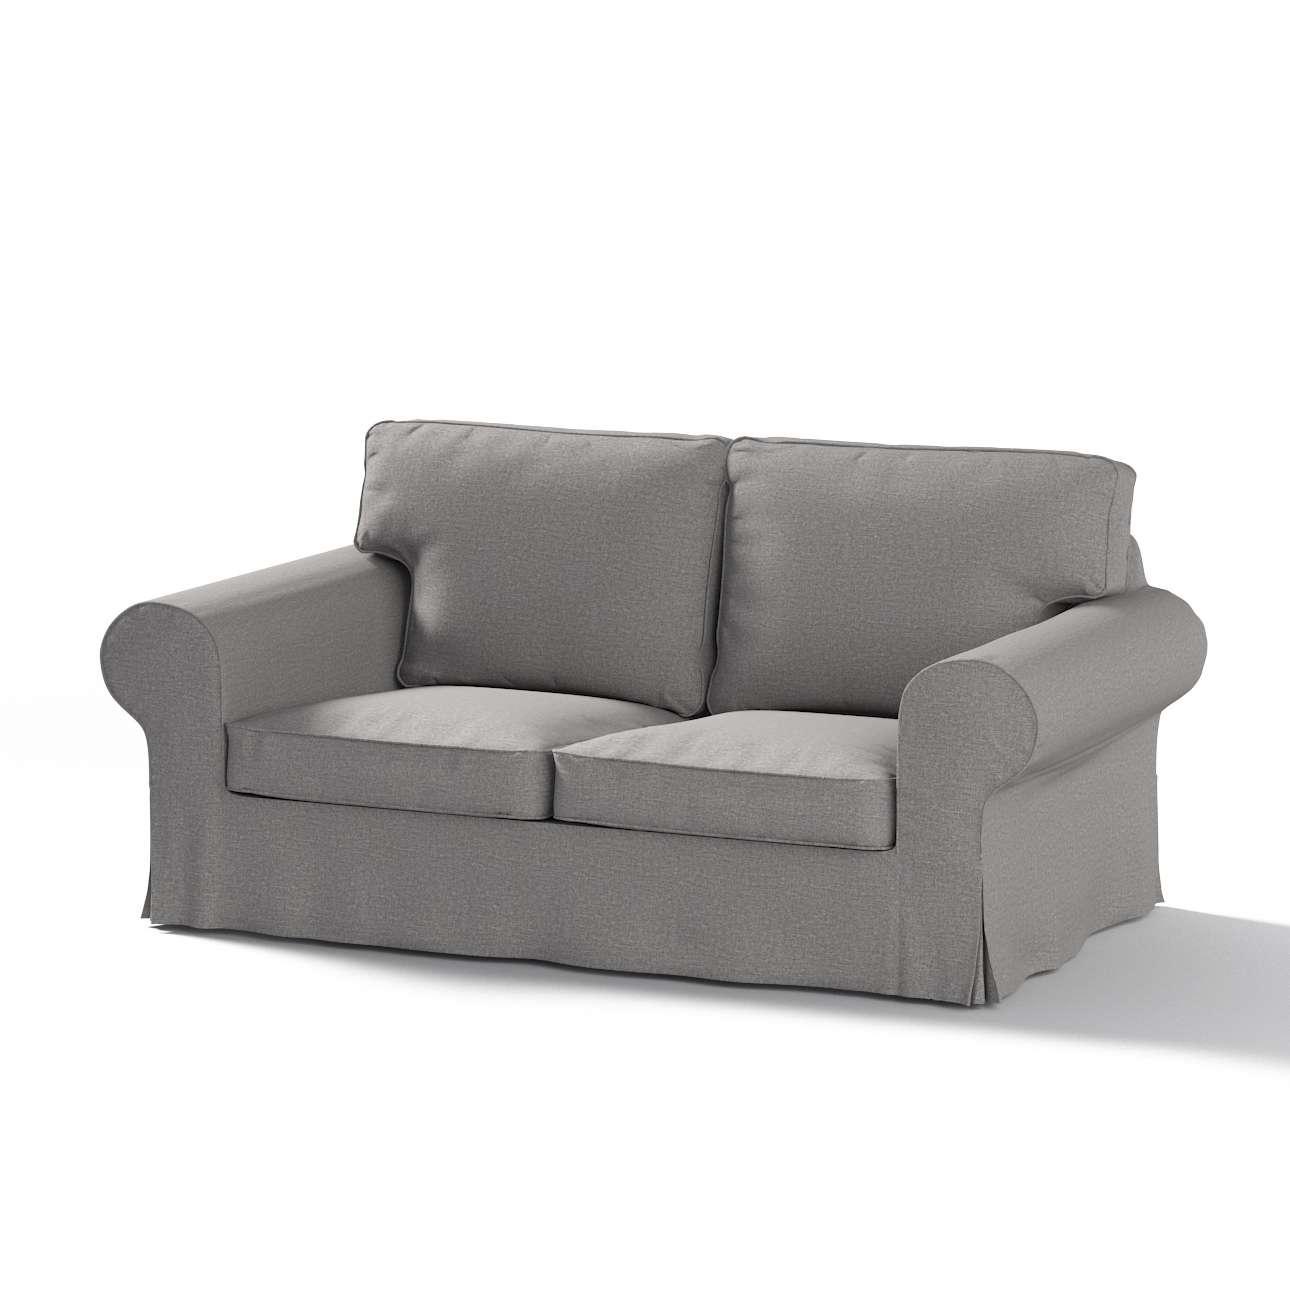 IKEA hoes voor Ektorp 2-zits slaapbank - NIEUW model van de collectie Edinburgh, Stof: 115-81